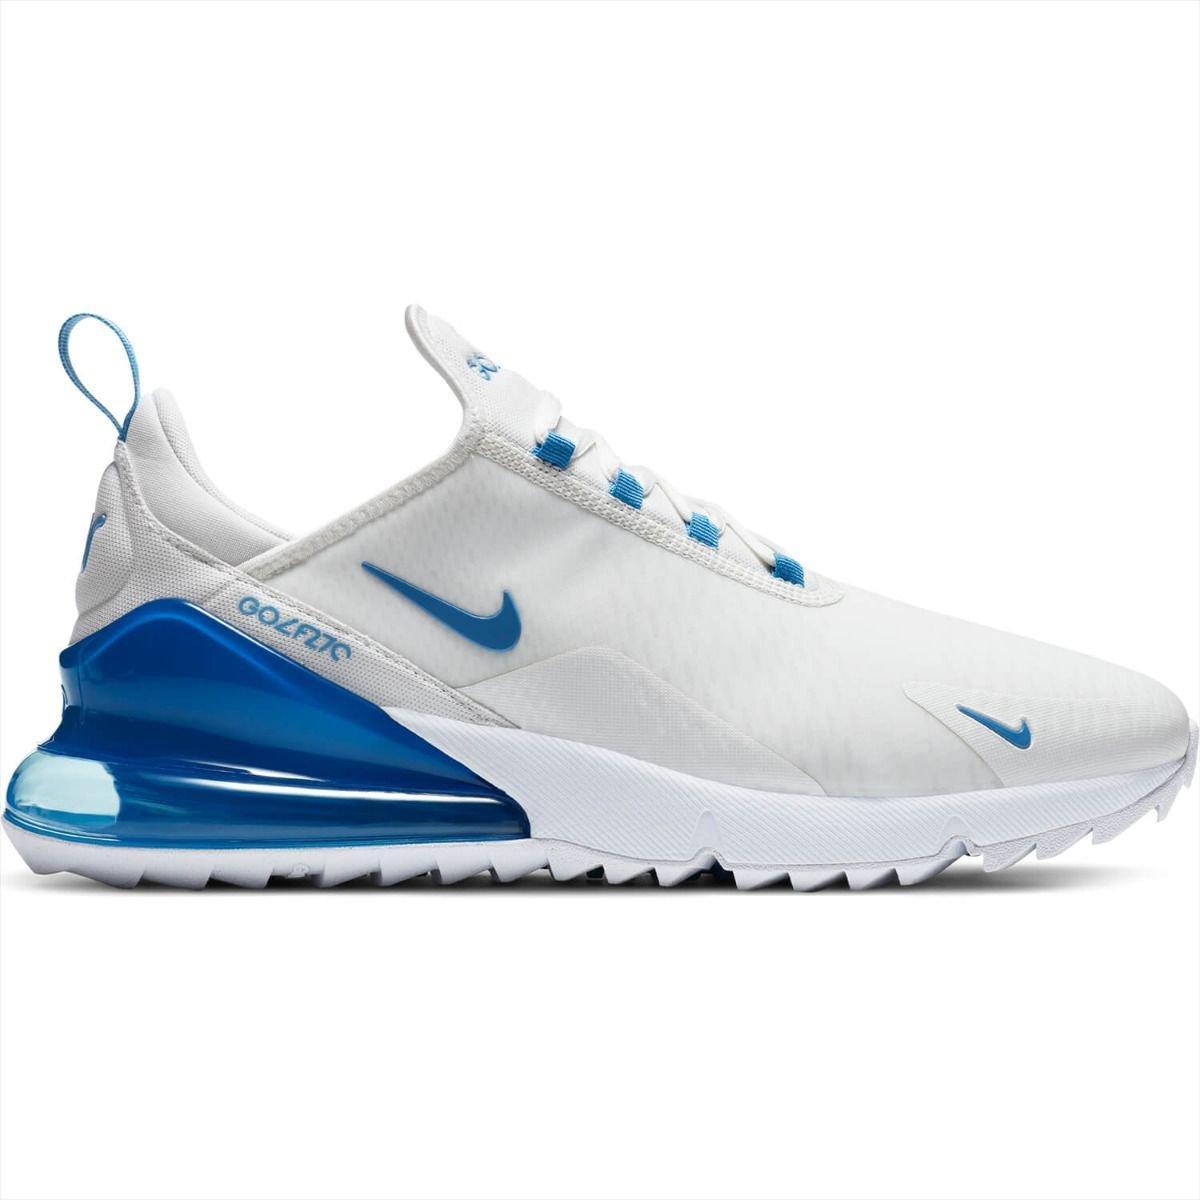 Nike Air Max 270 G Golf Shoes 2020 - Summit White/Coast/White